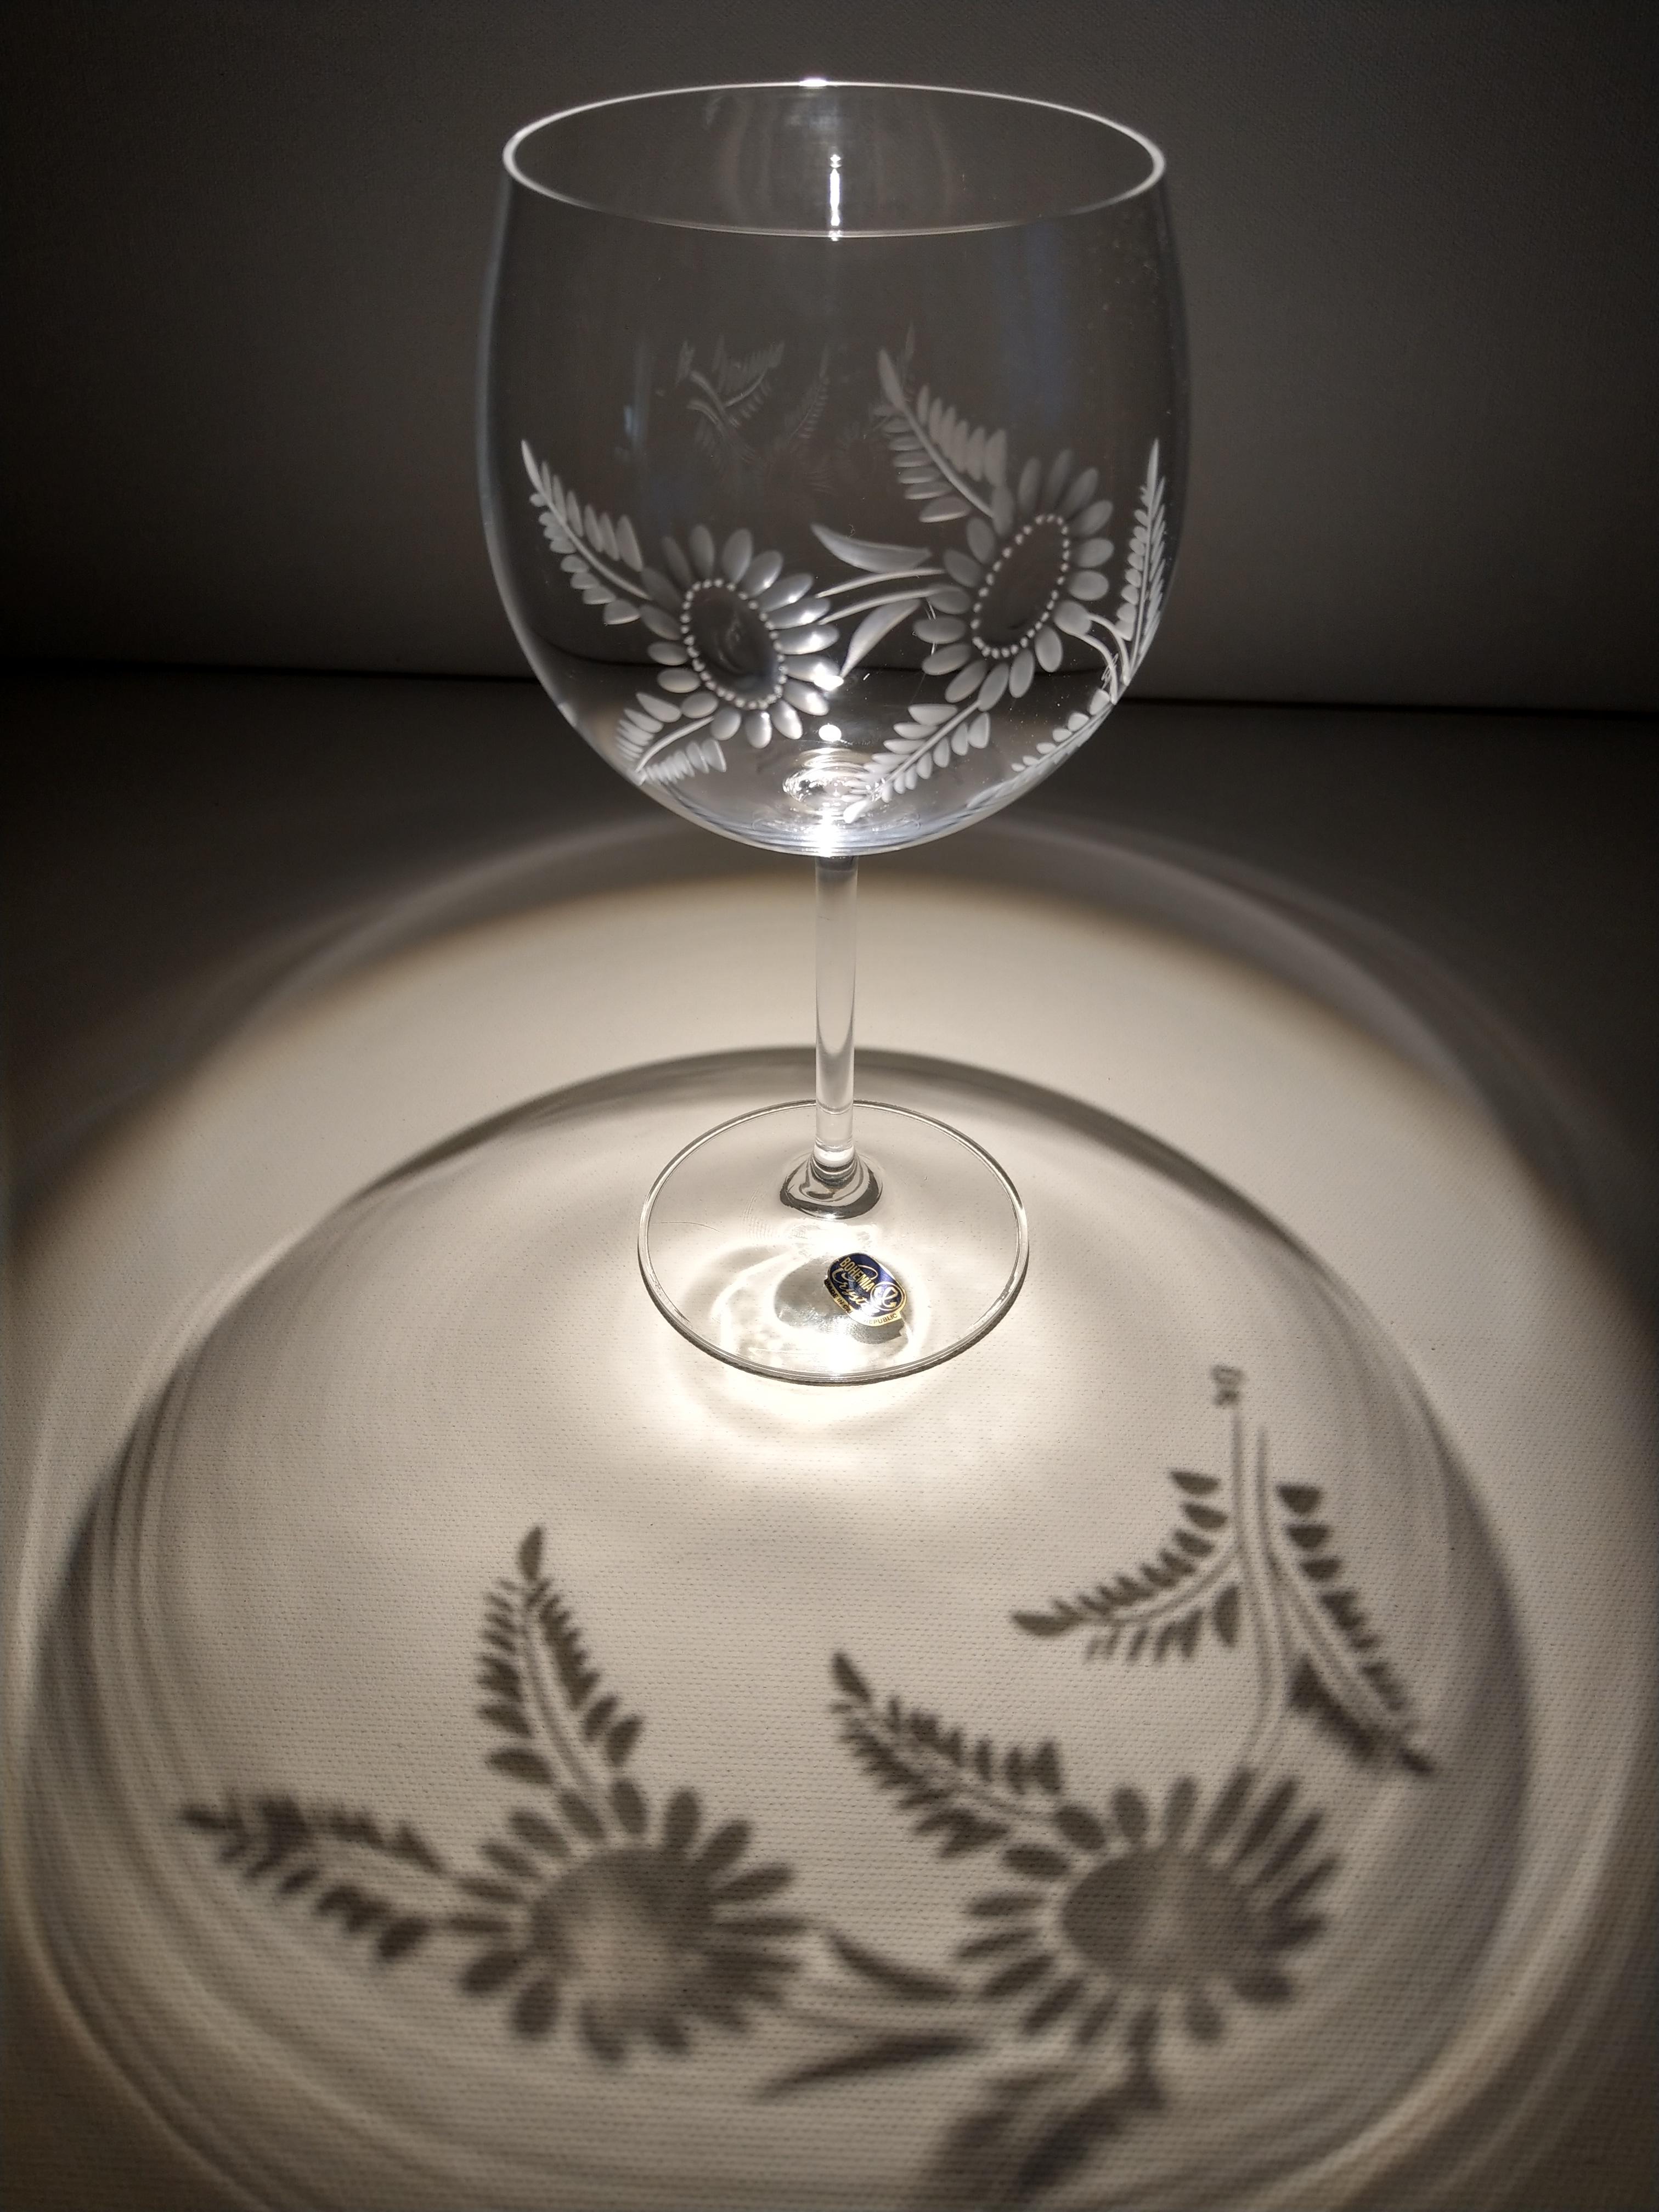 Gewaltig Glasgravur Ideen Von Rotweingläser Mit Motiv Blüten, 6er-set